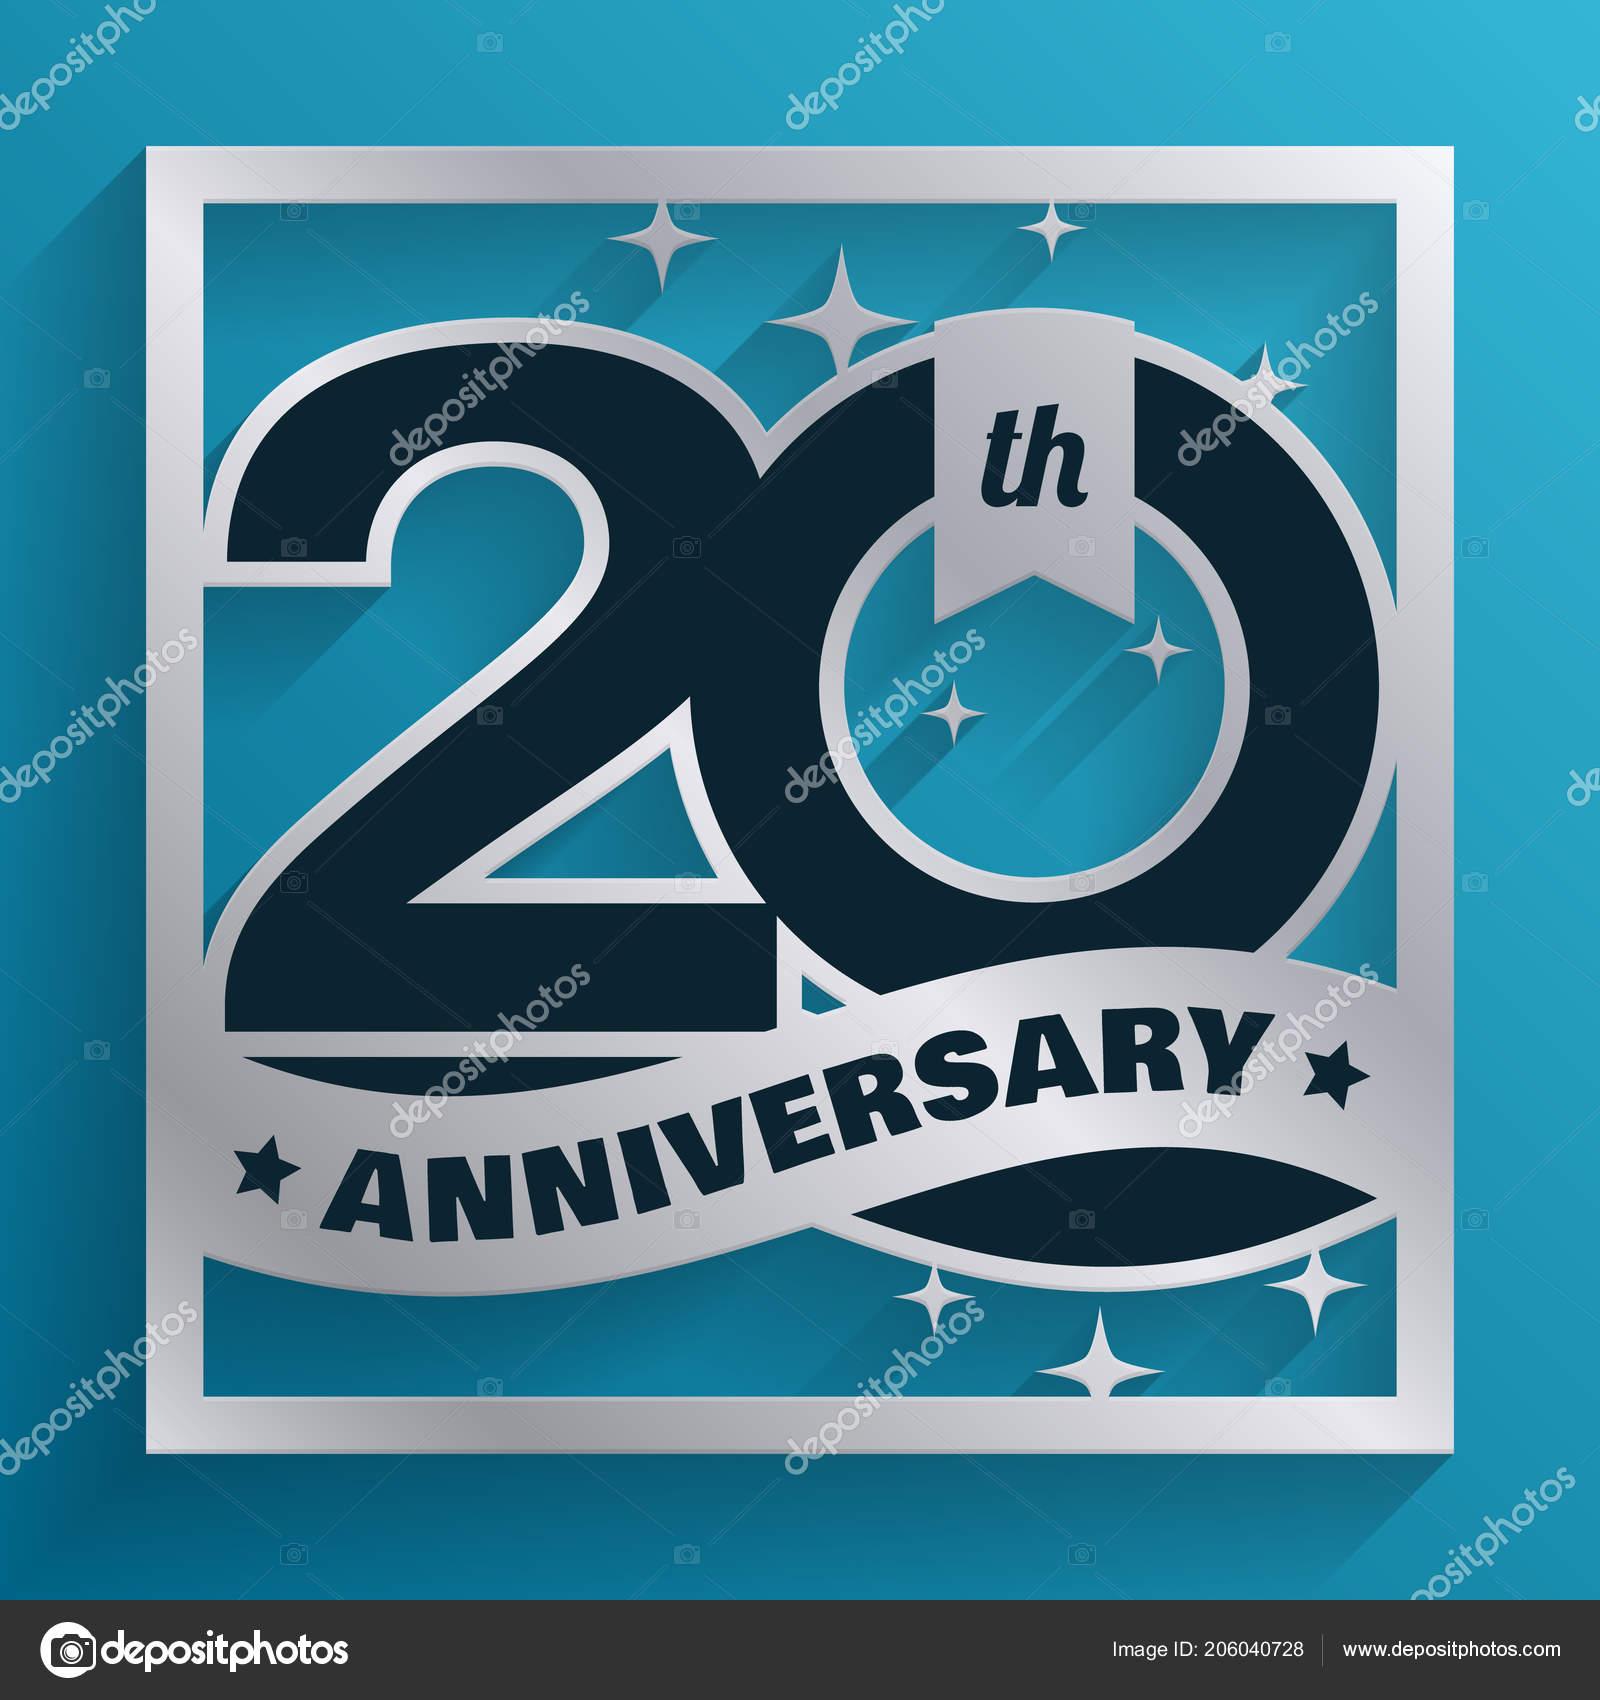 20 Años De Plata Aniversario Diseño Aislado Sobre Fondo Azul